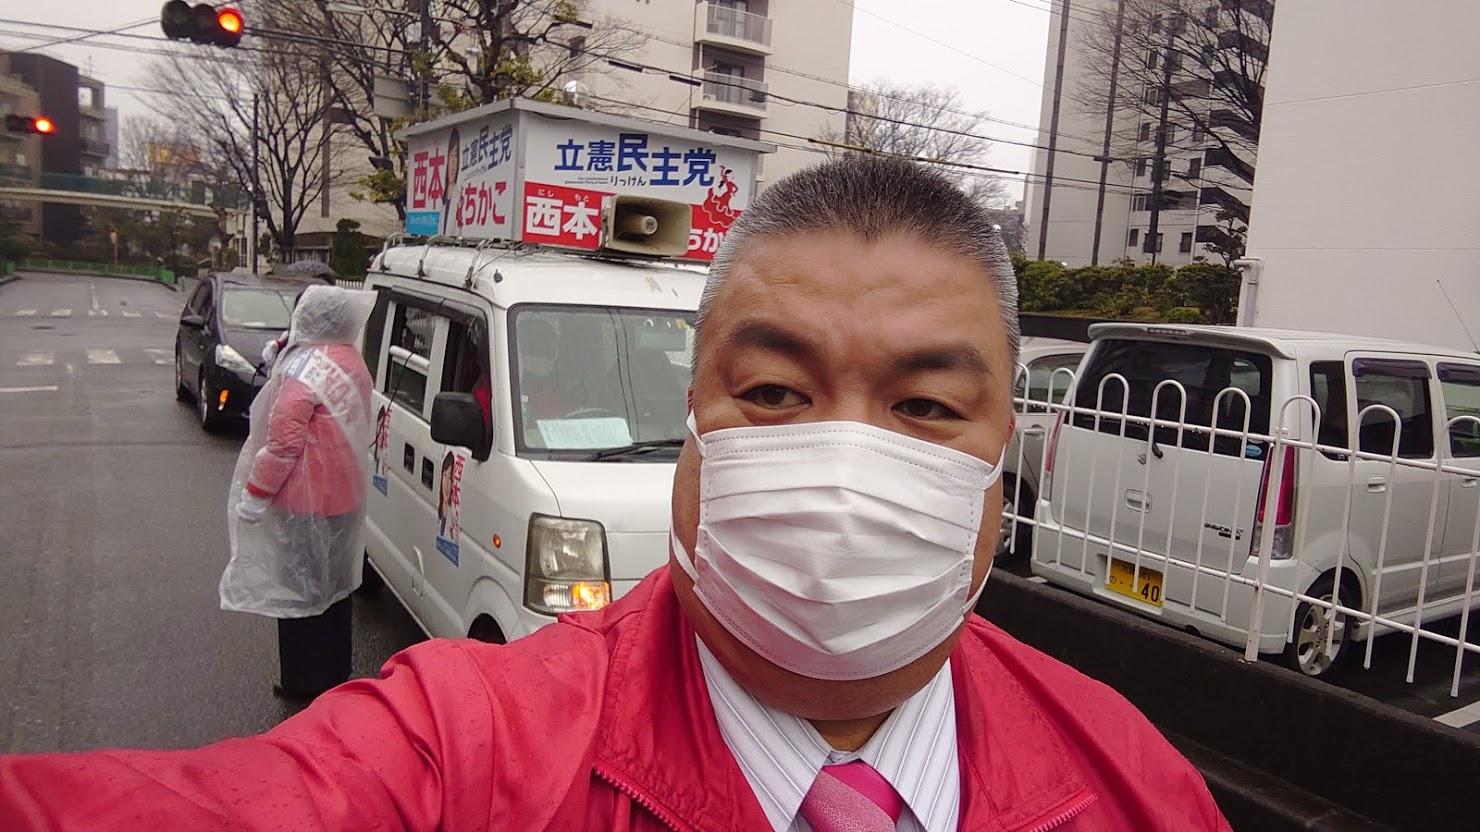 2021.1.22 茨木市議会議員選挙の応援へ(西本候補)